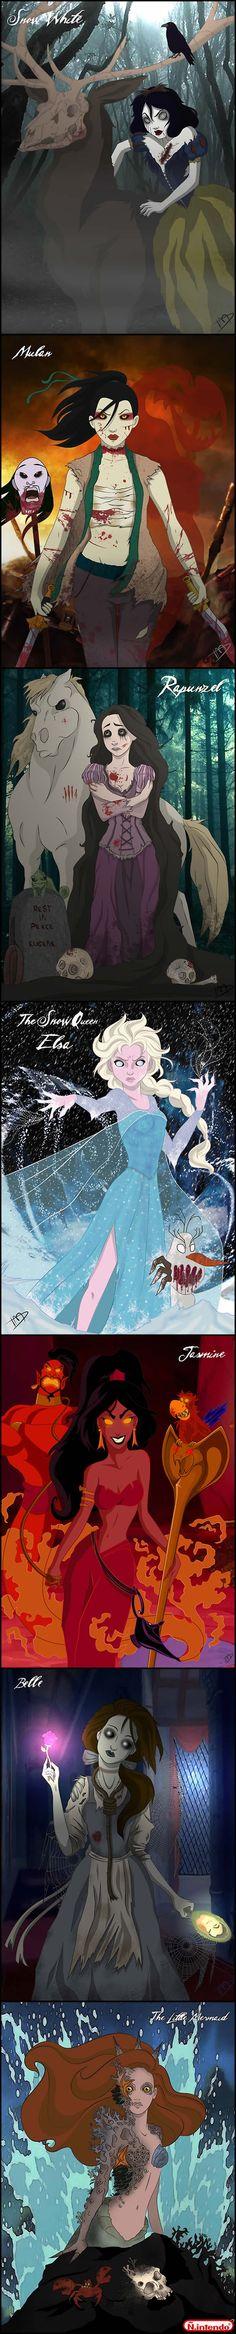 Princesas Da Disney Em Seu Formato Mais Macabro